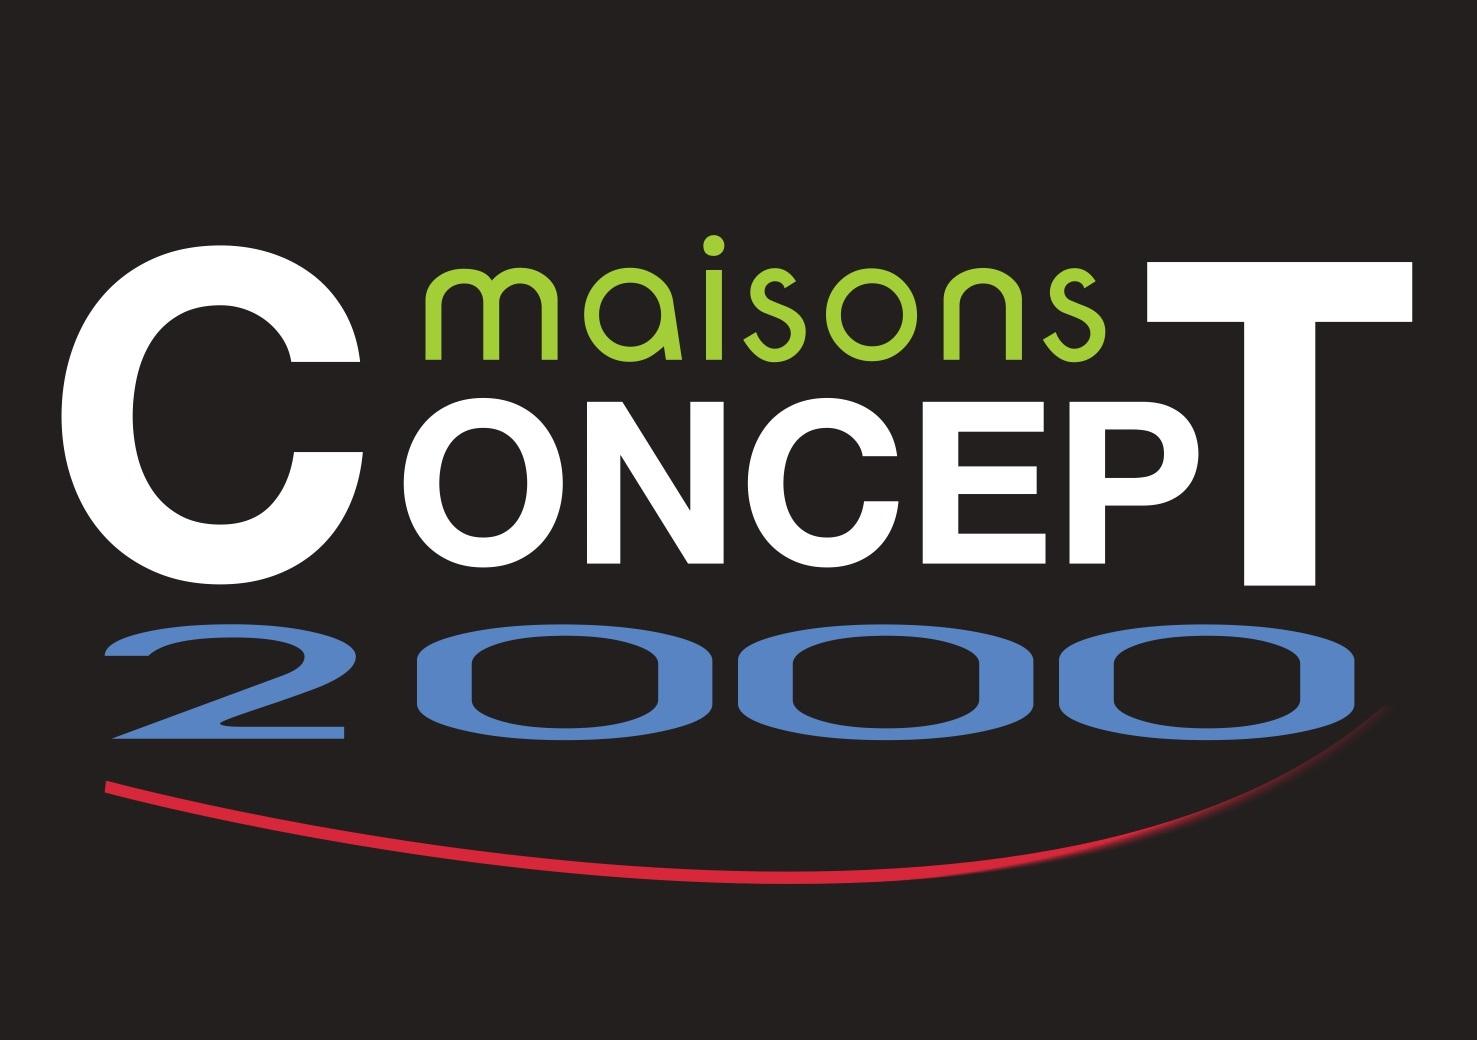 MAISONS CONCEPT 2000